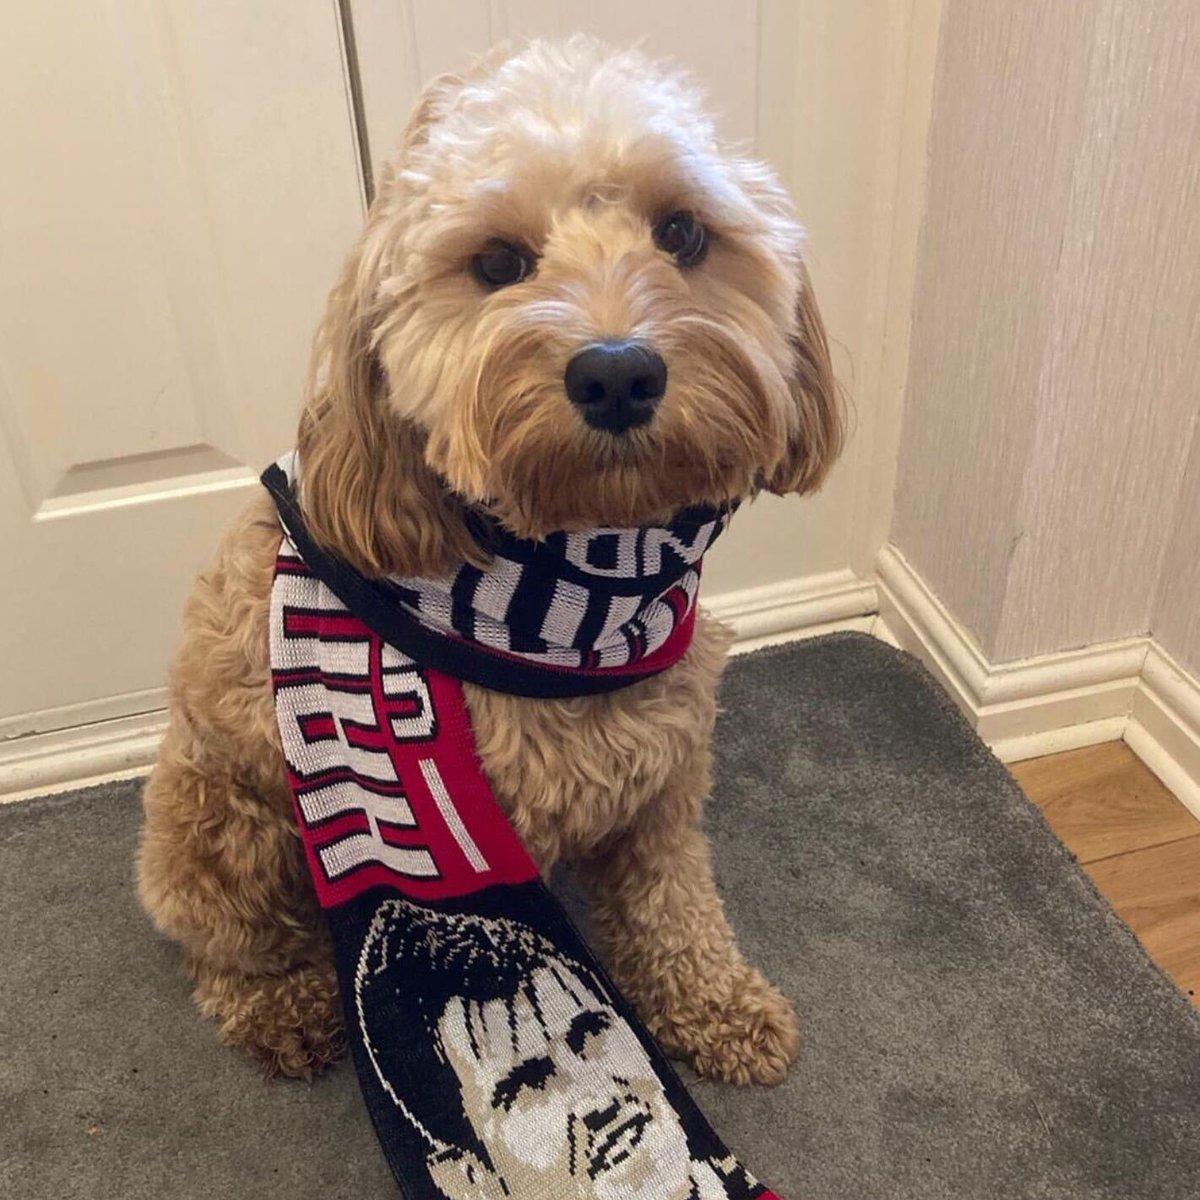 Meet Busby, who is a big @HarryMaguire93 fan ⚽️🐶